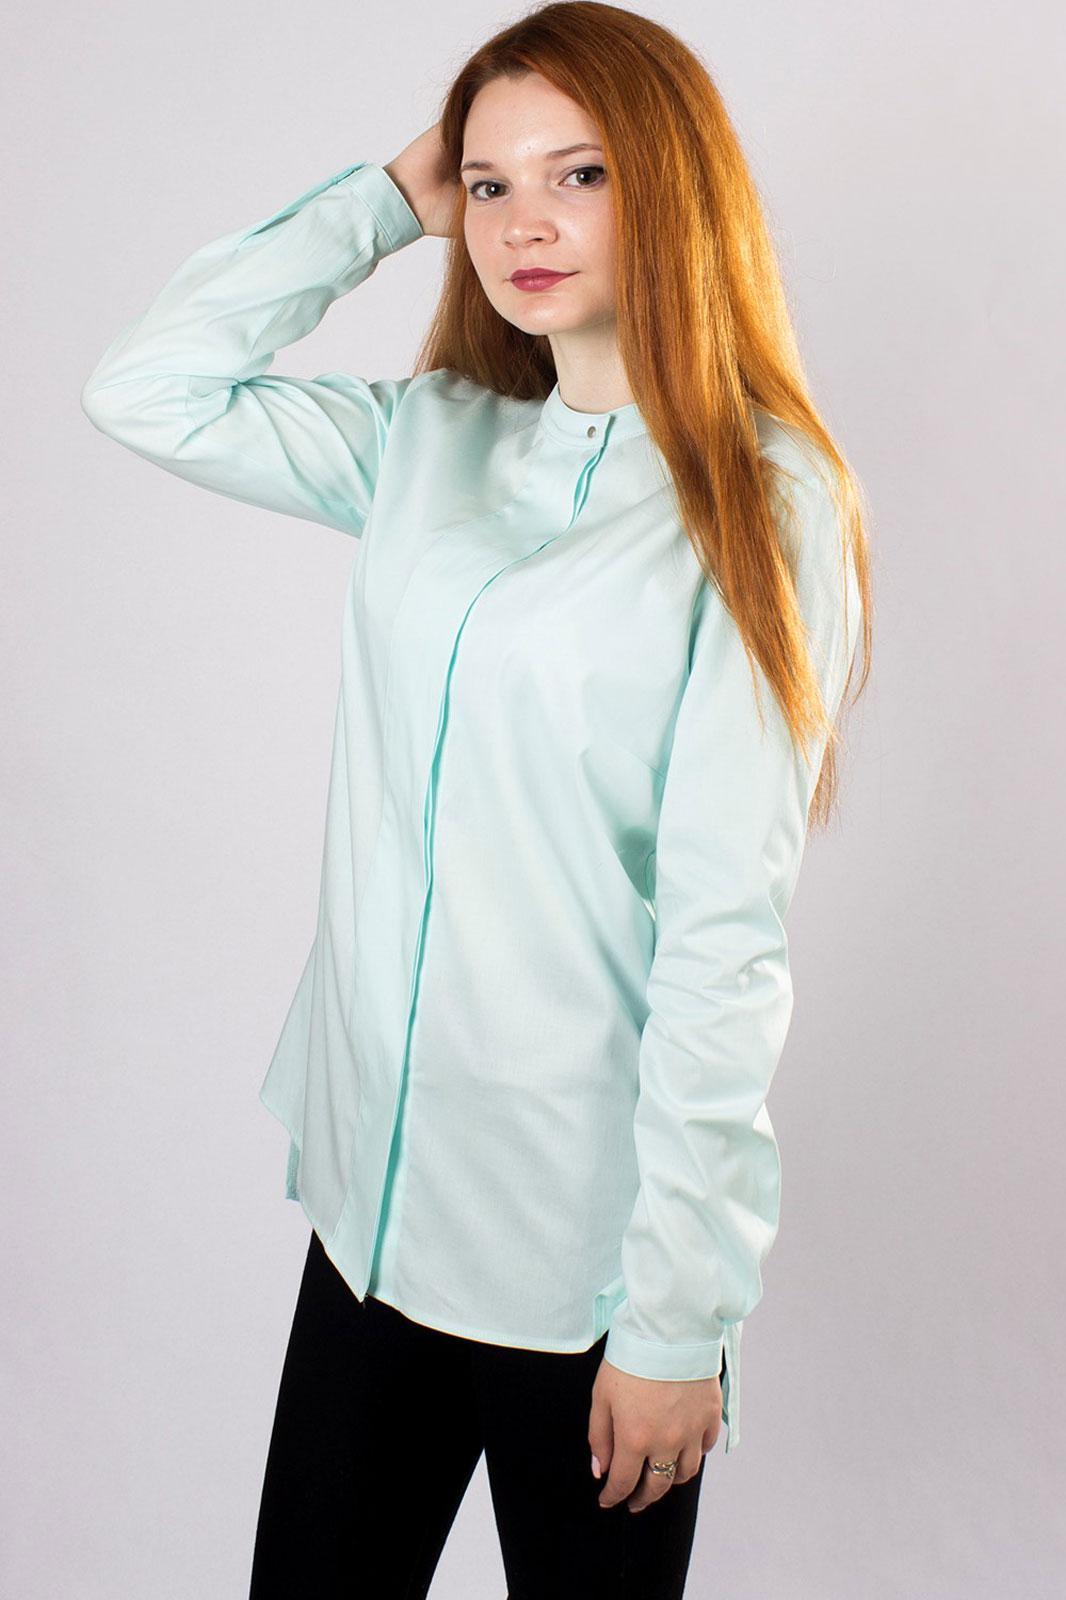 Купить Блузка Nadex, 633012 мятный 170, Беларусь